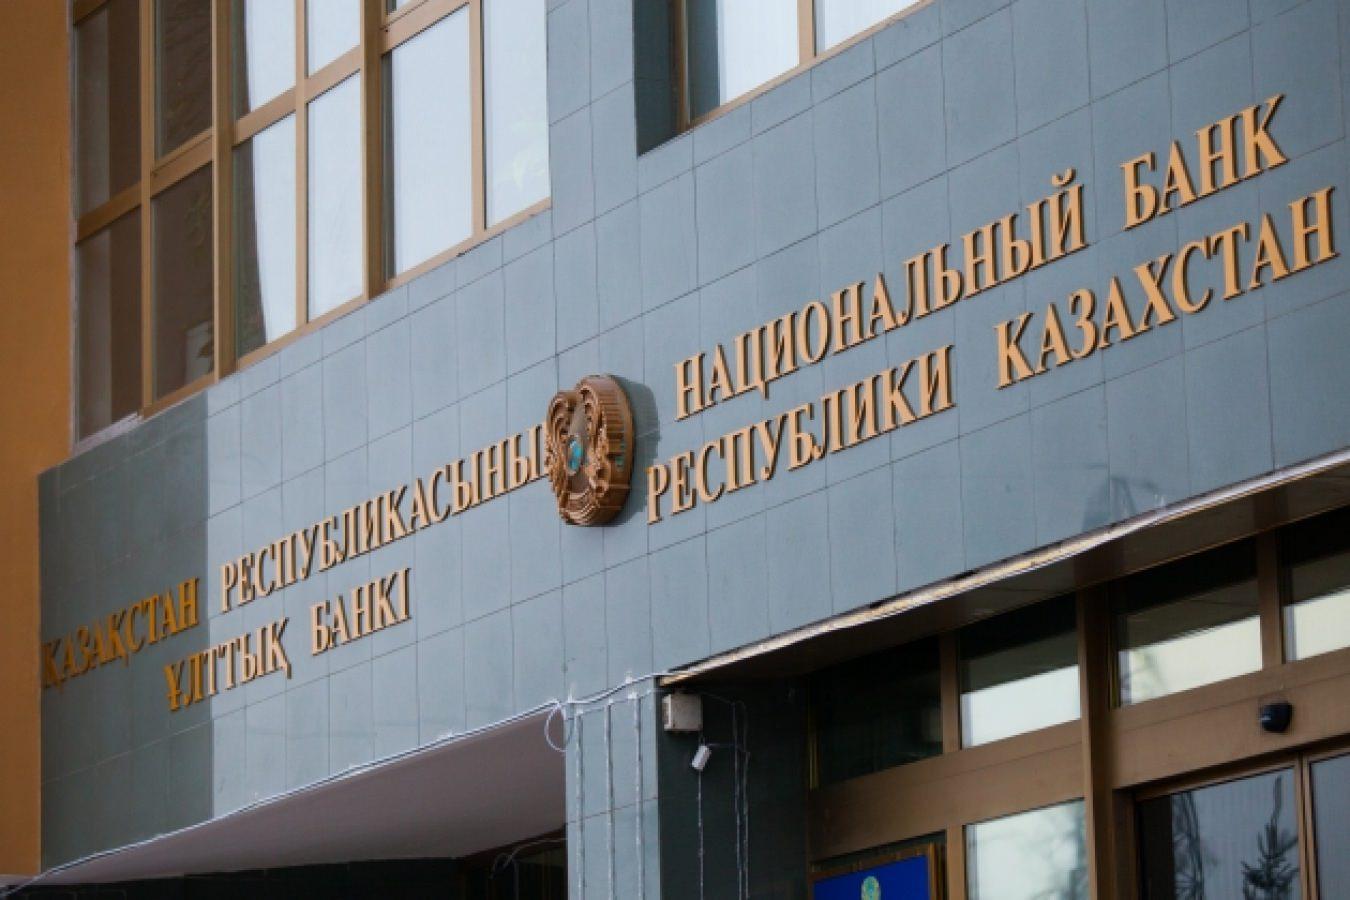 Отмена комиссий за обслуживание займов коснется 180 тыс. клиентов банков – Нацбанк РК